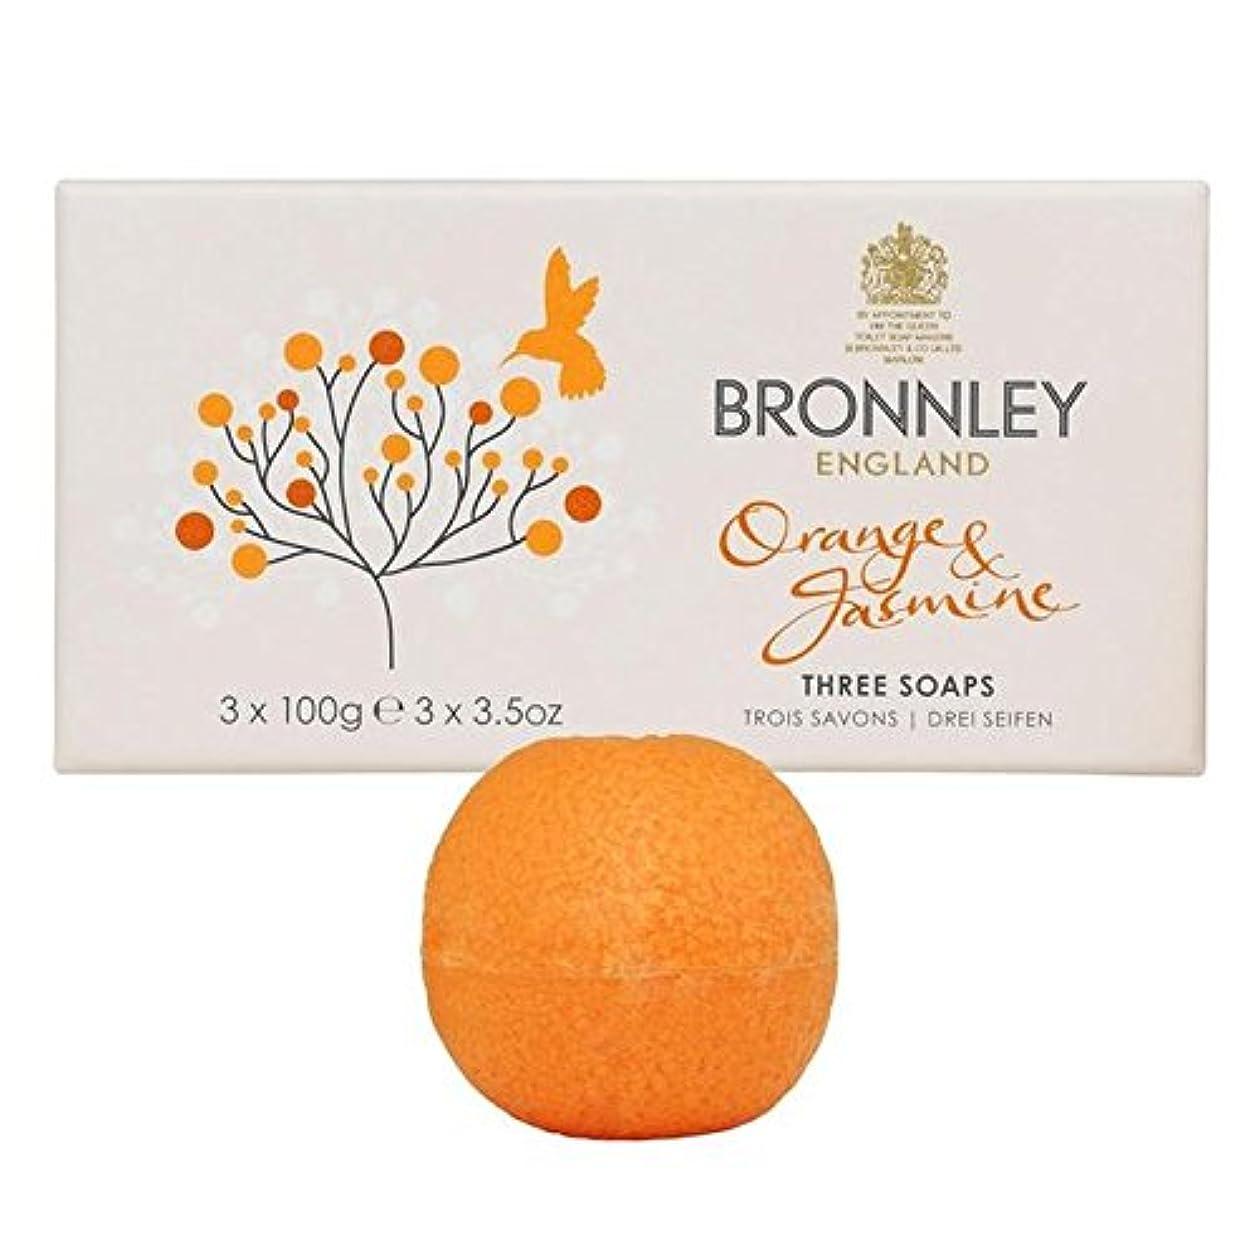 読書をするグレードソブリケットBronnley Orange & Jasmine Soaps 3 x 100g - オレンジ&ジャスミン石鹸3×100グラム [並行輸入品]